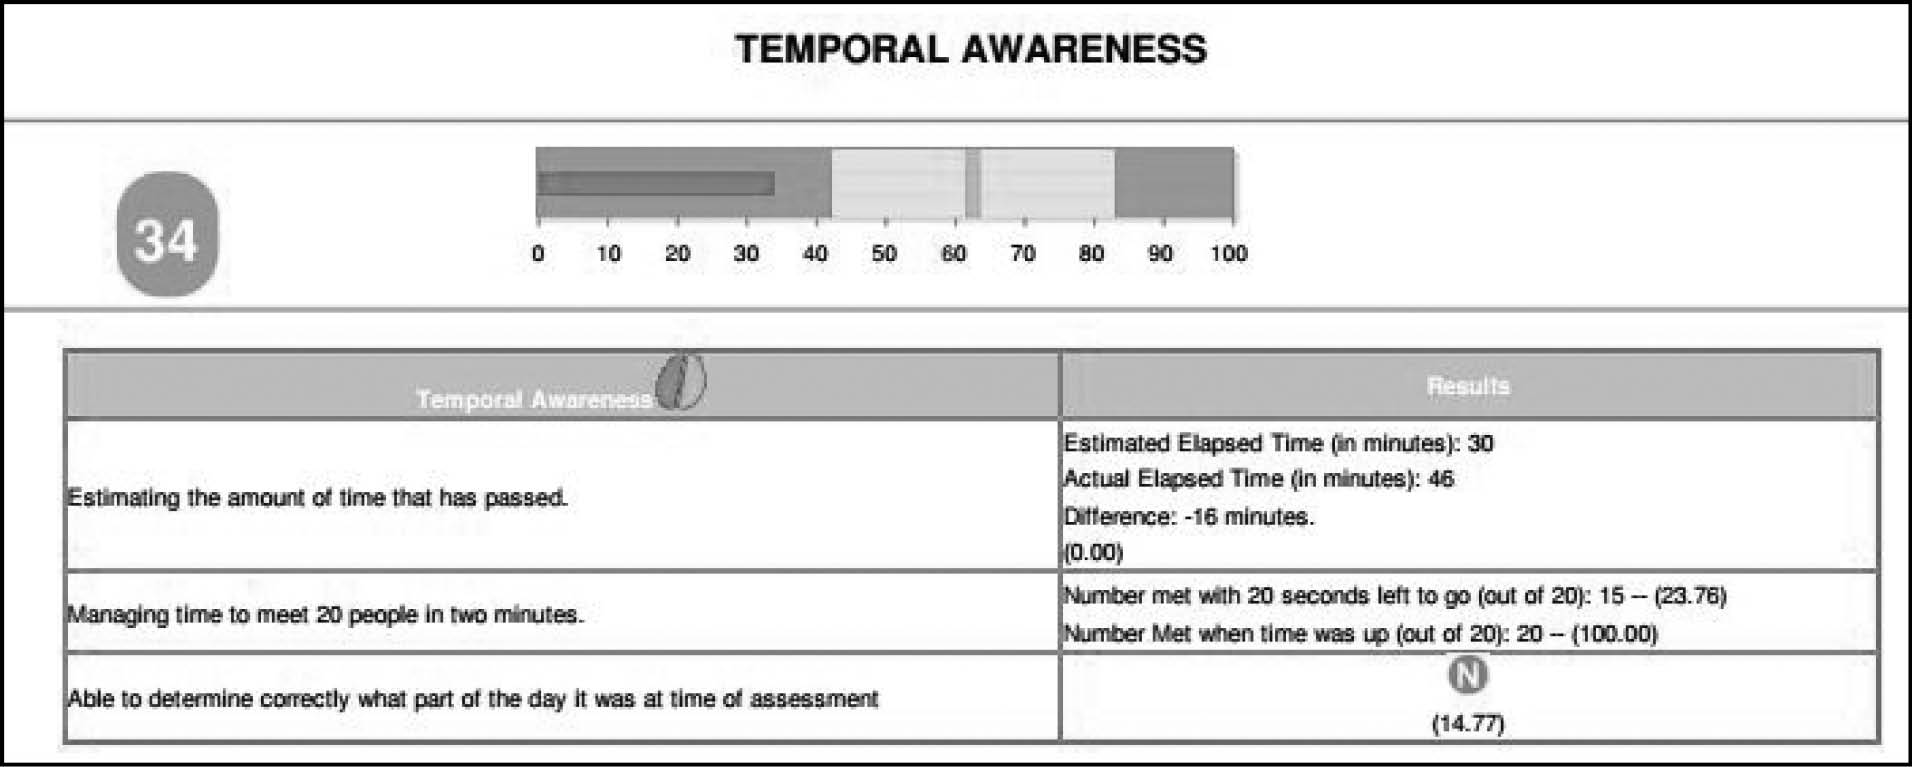 BrainFx 360 (BrainFx, Toronto, Ontario, Canada) cognitive outcome score example.